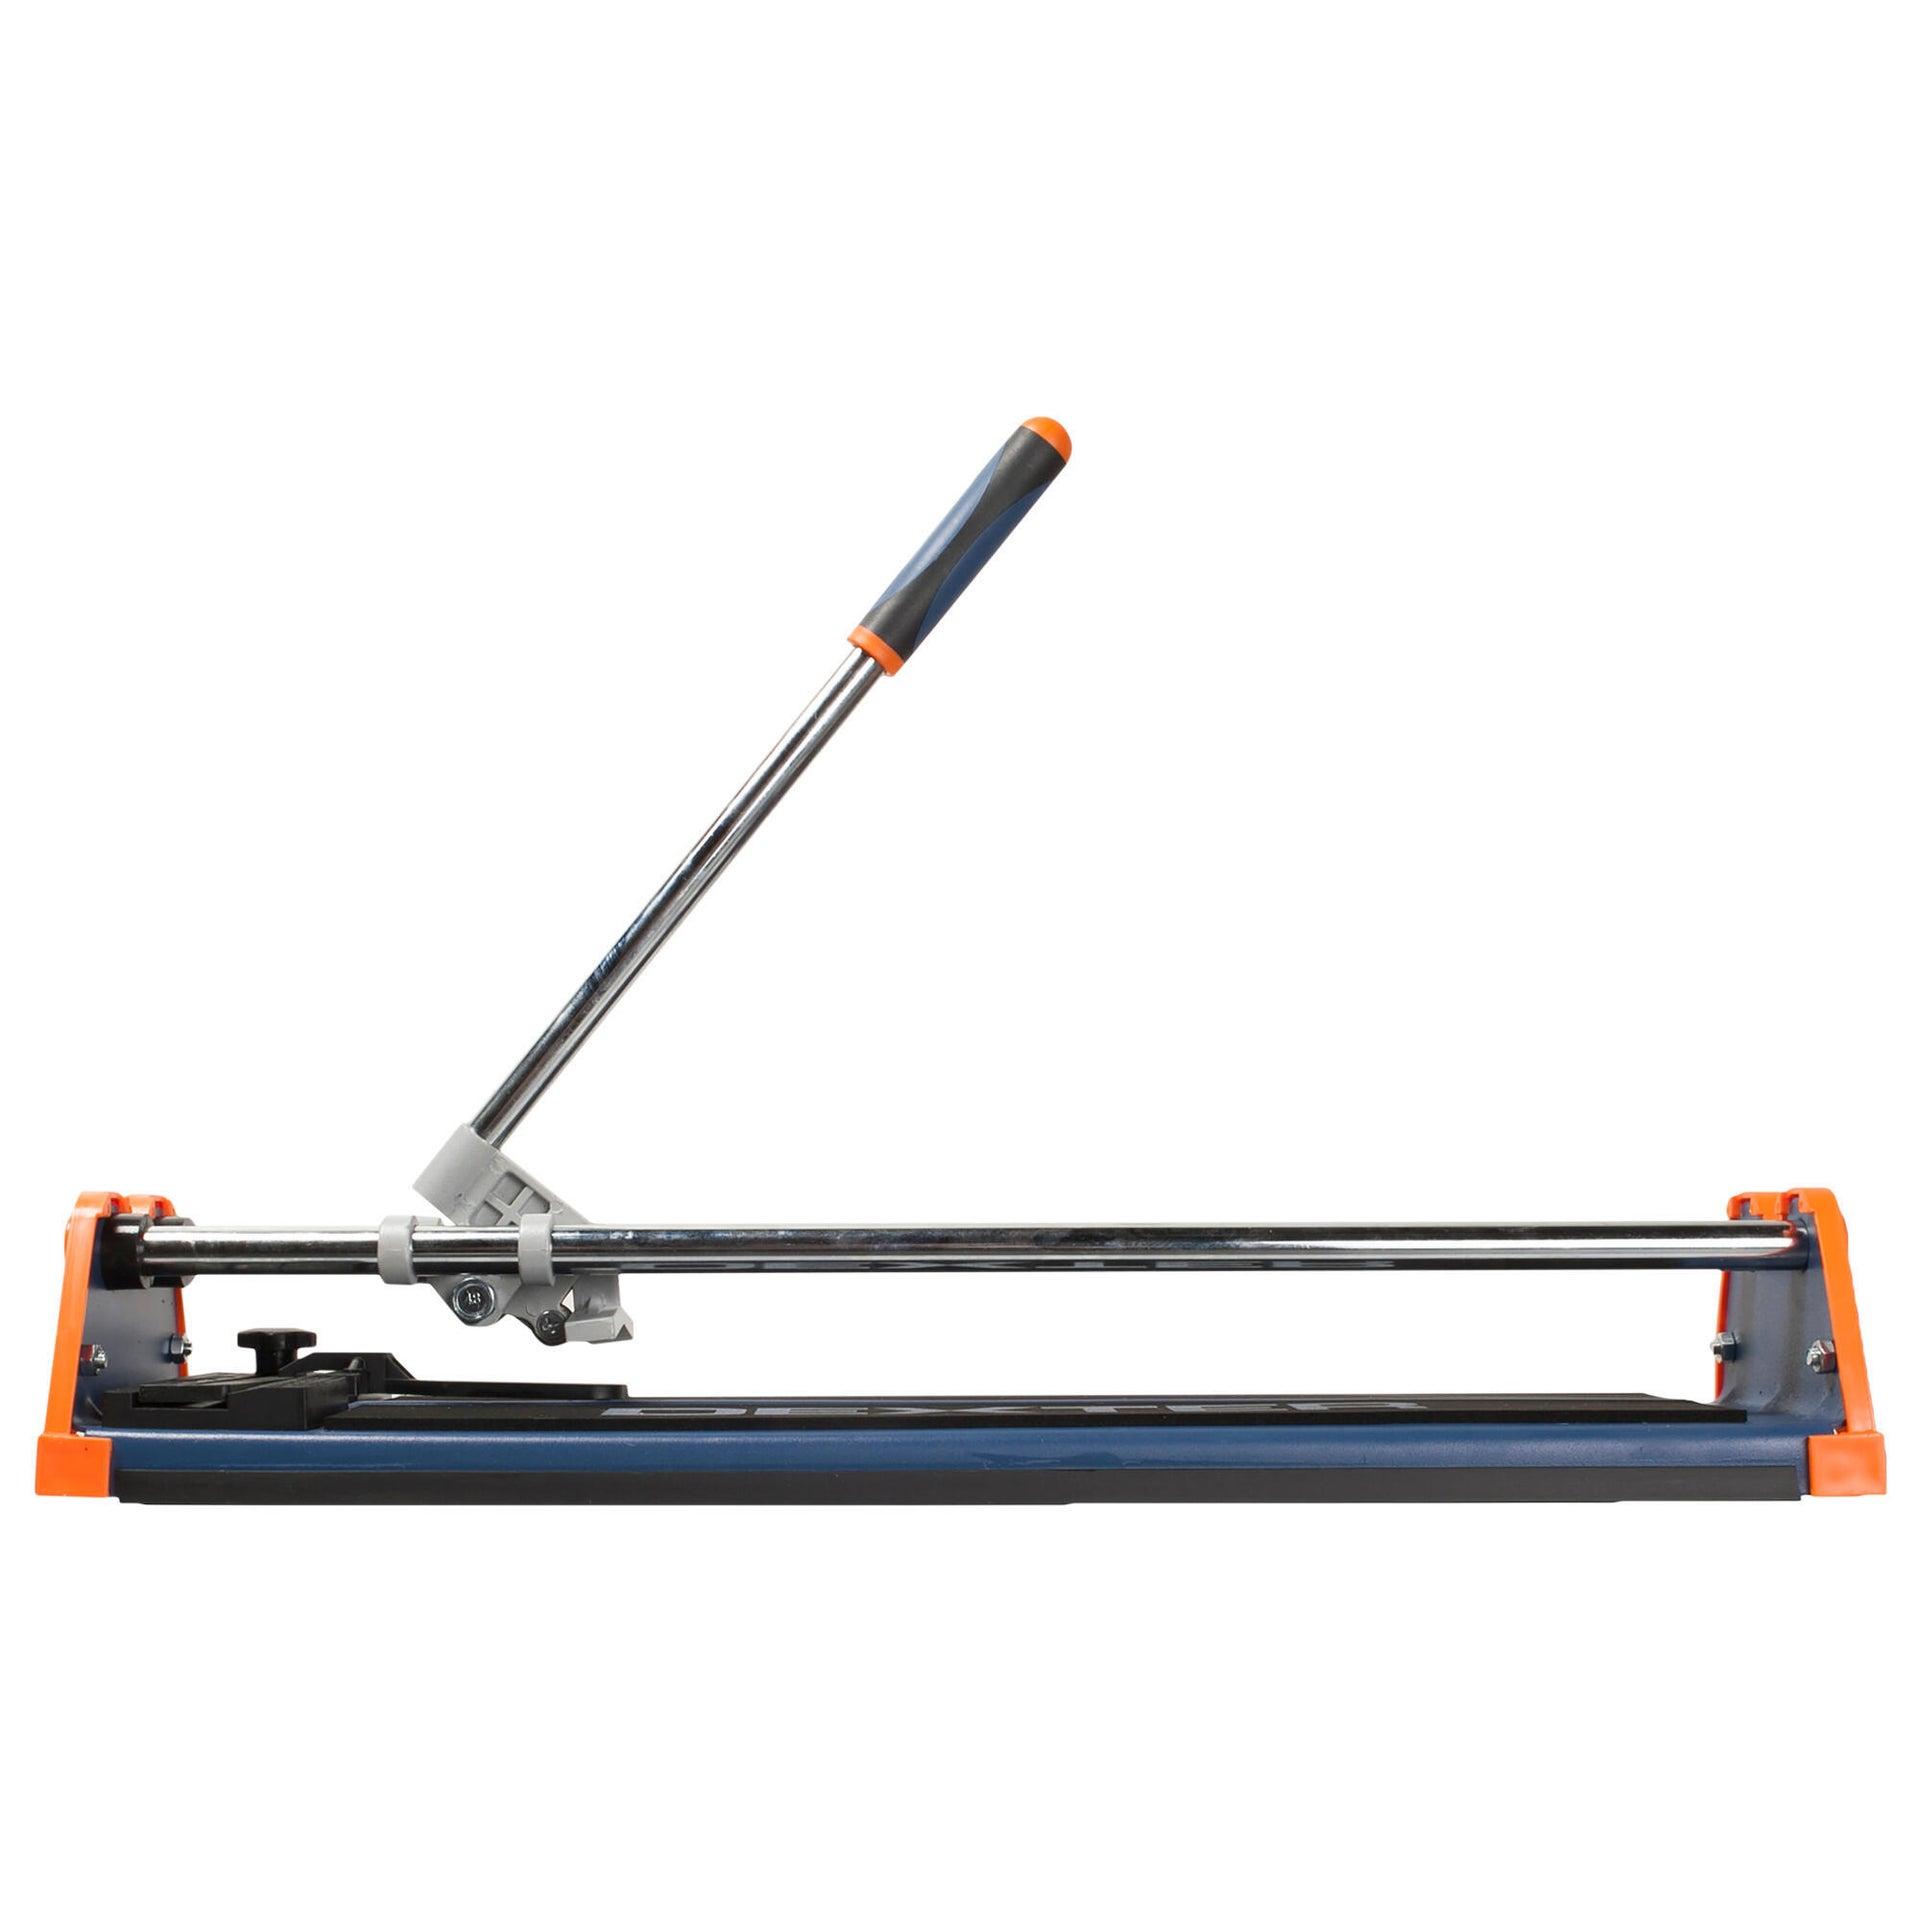 Tagliapiastrelle manuale DEXTER , lunghezza max taglio 430 mm - 3